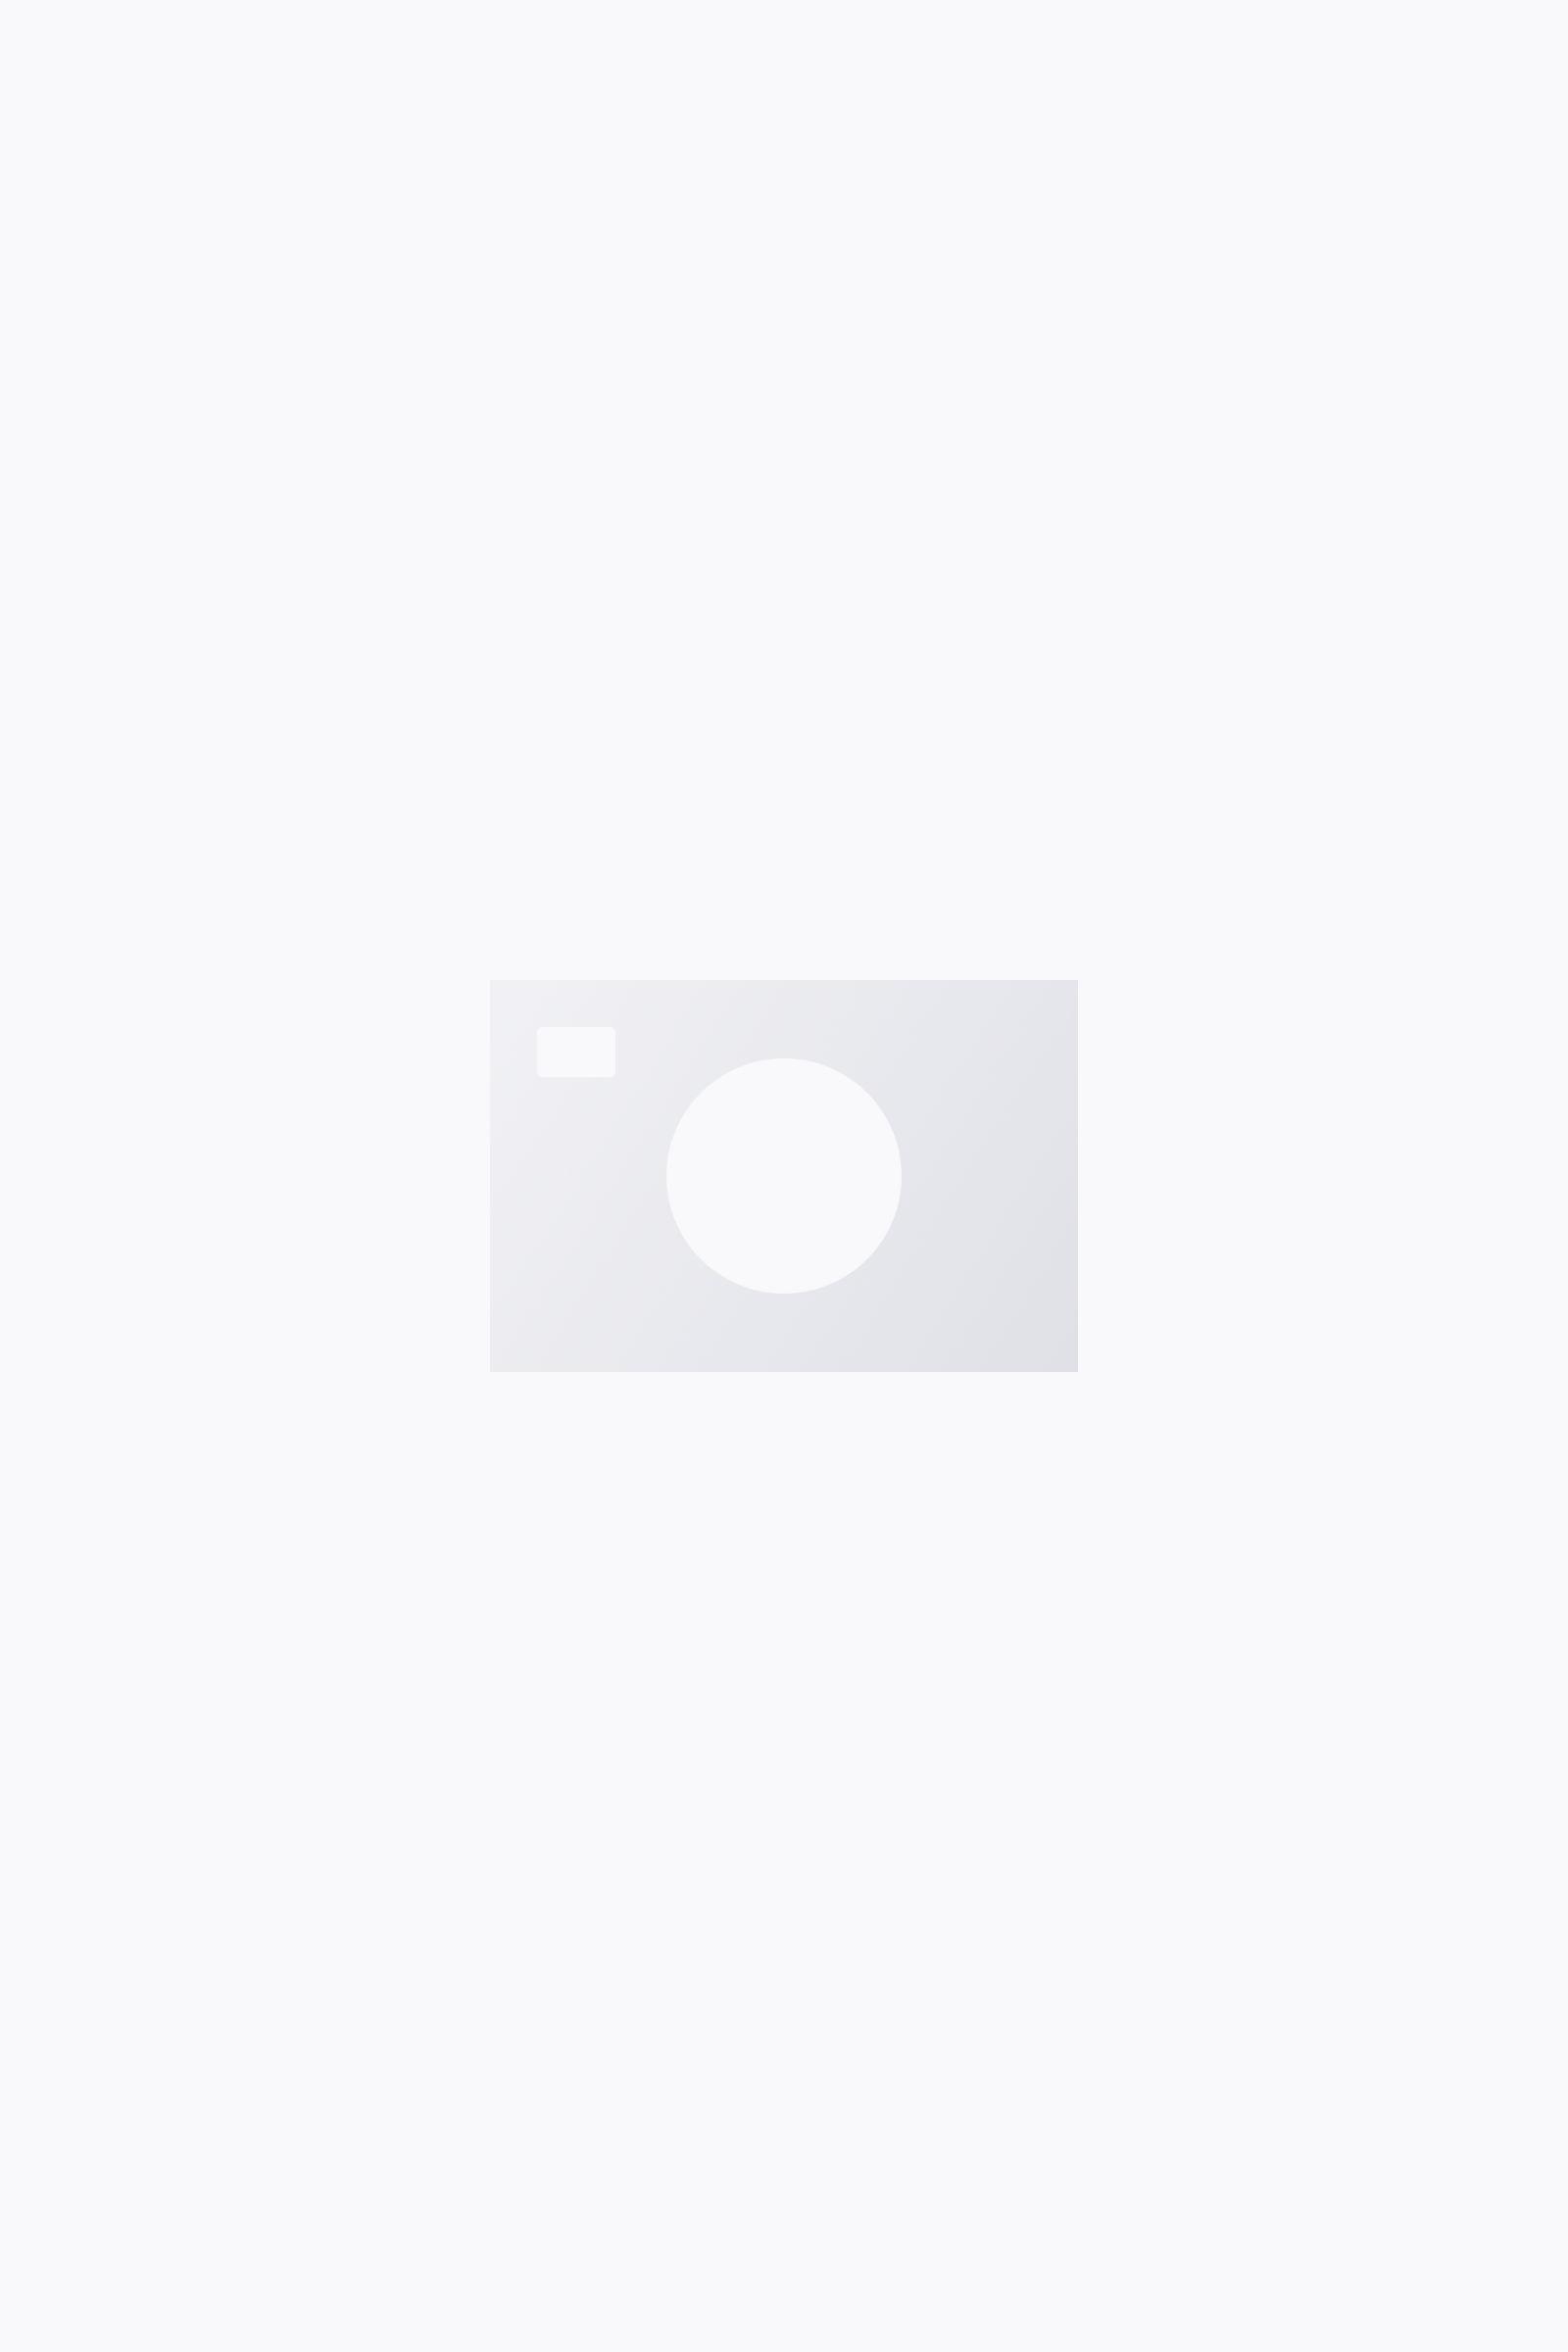 COS BRODERIE-ANGLAIS SHIRT,White